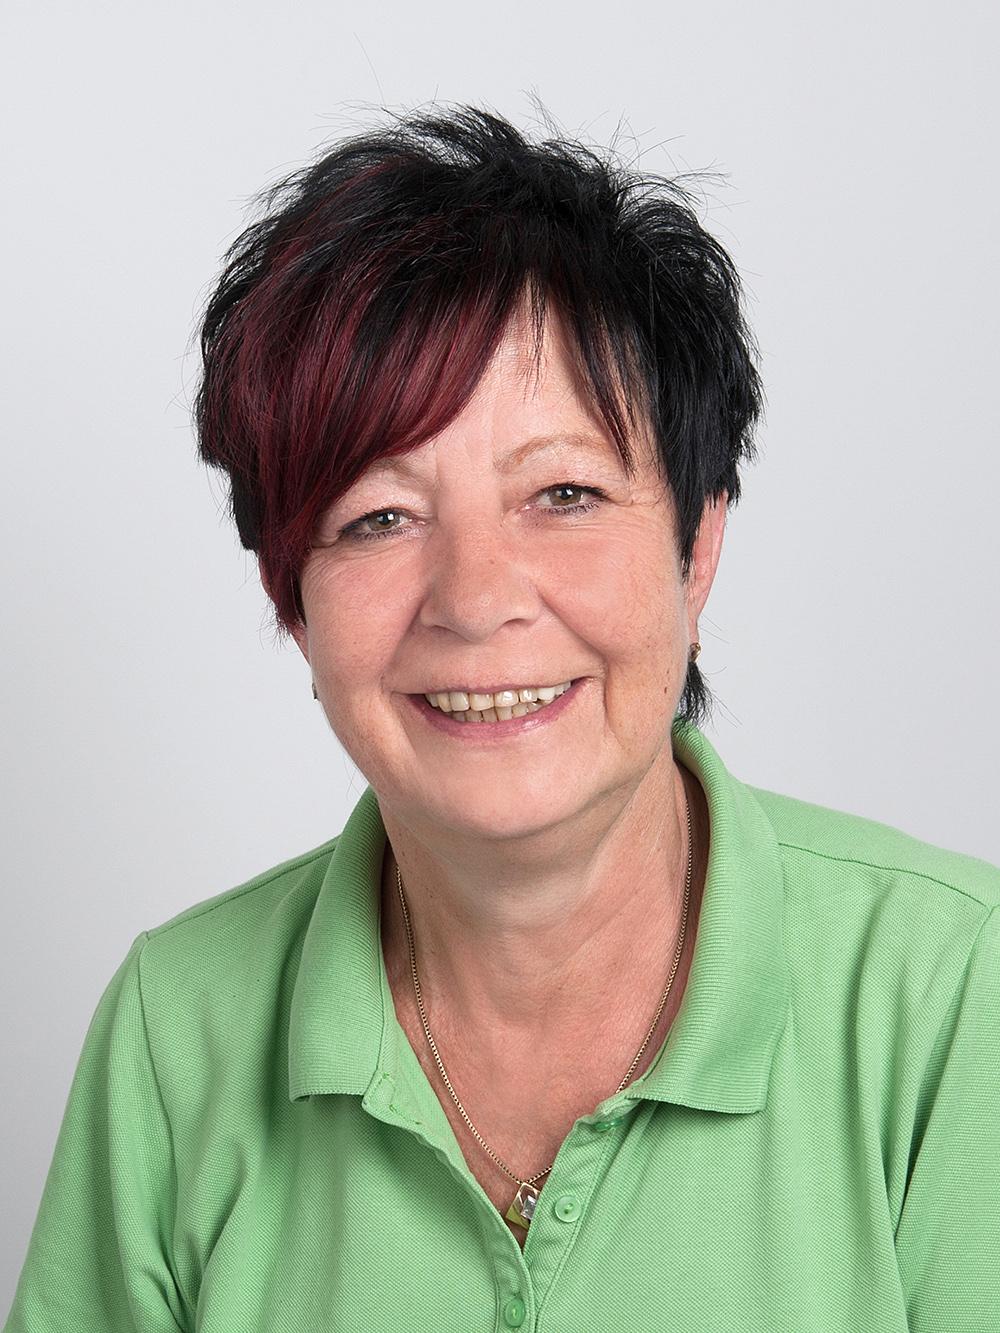 Ingrid Klenke